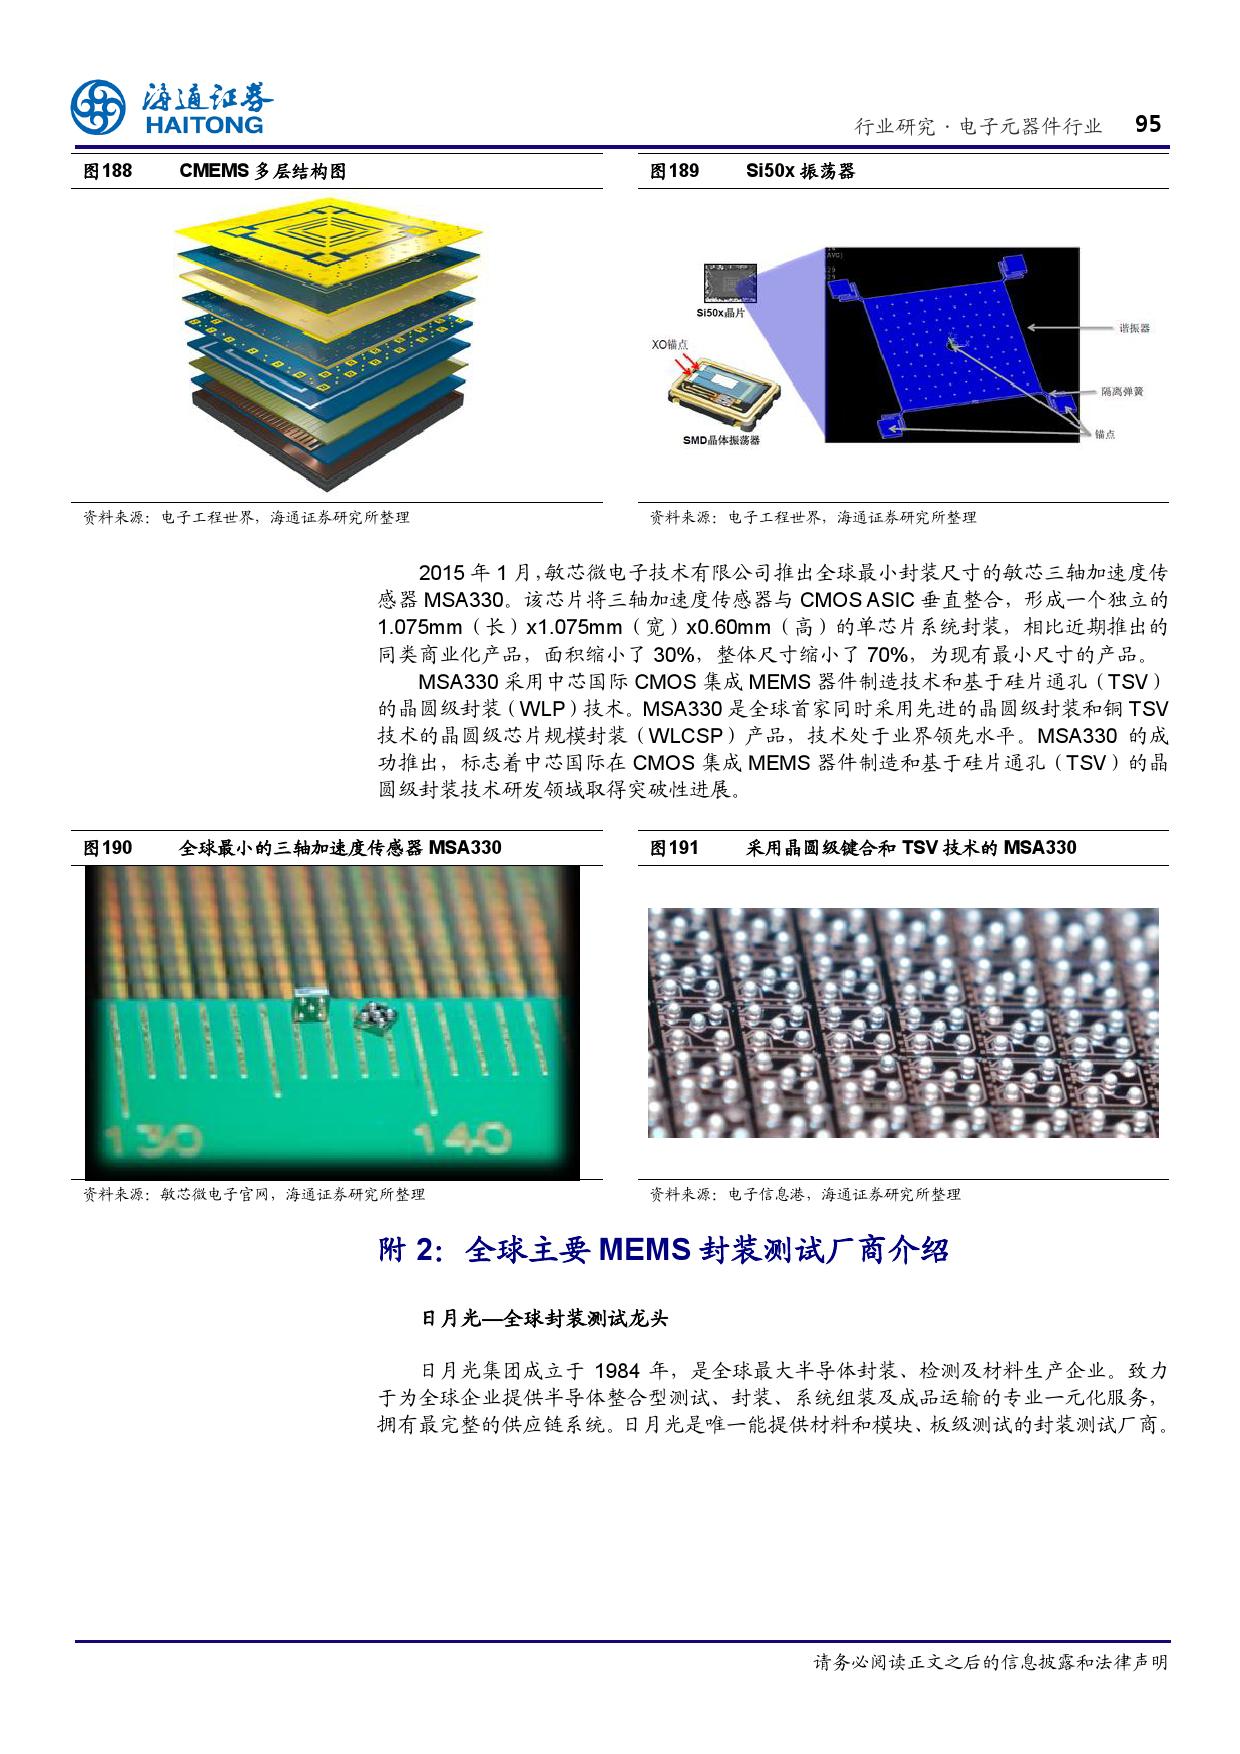 报告全解传感器全球产业链_000095